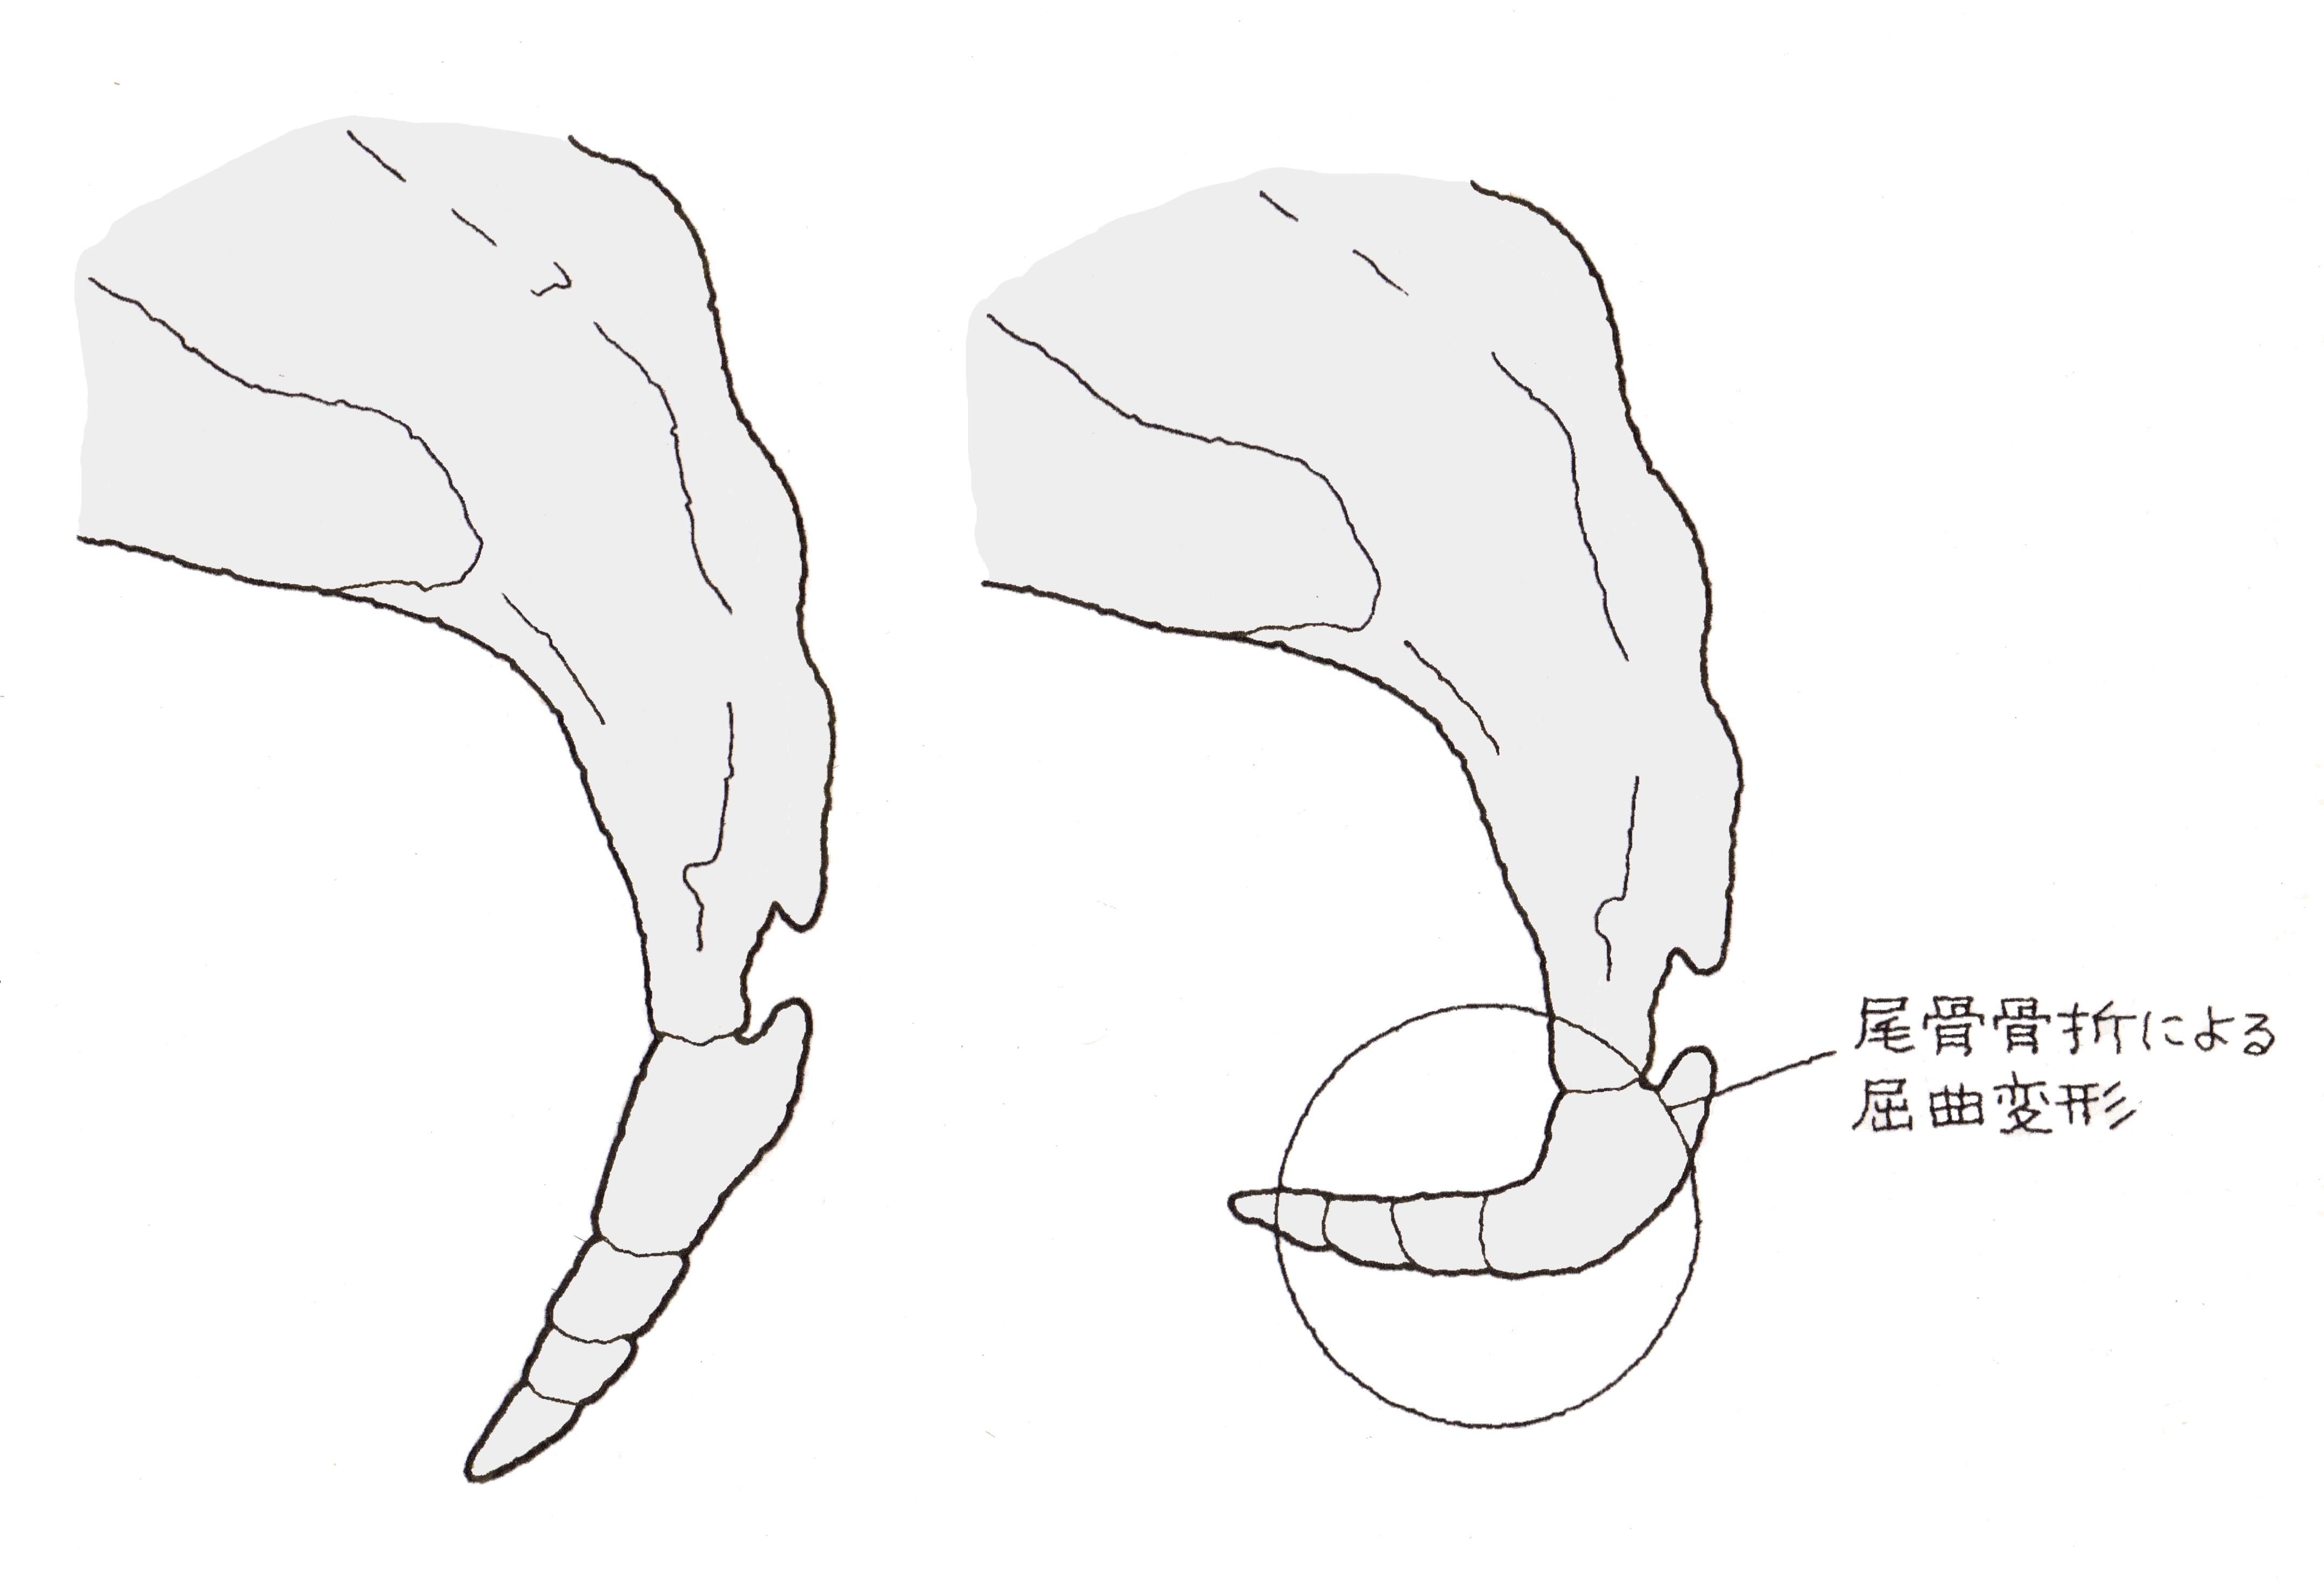 治療 仙骨 骨折